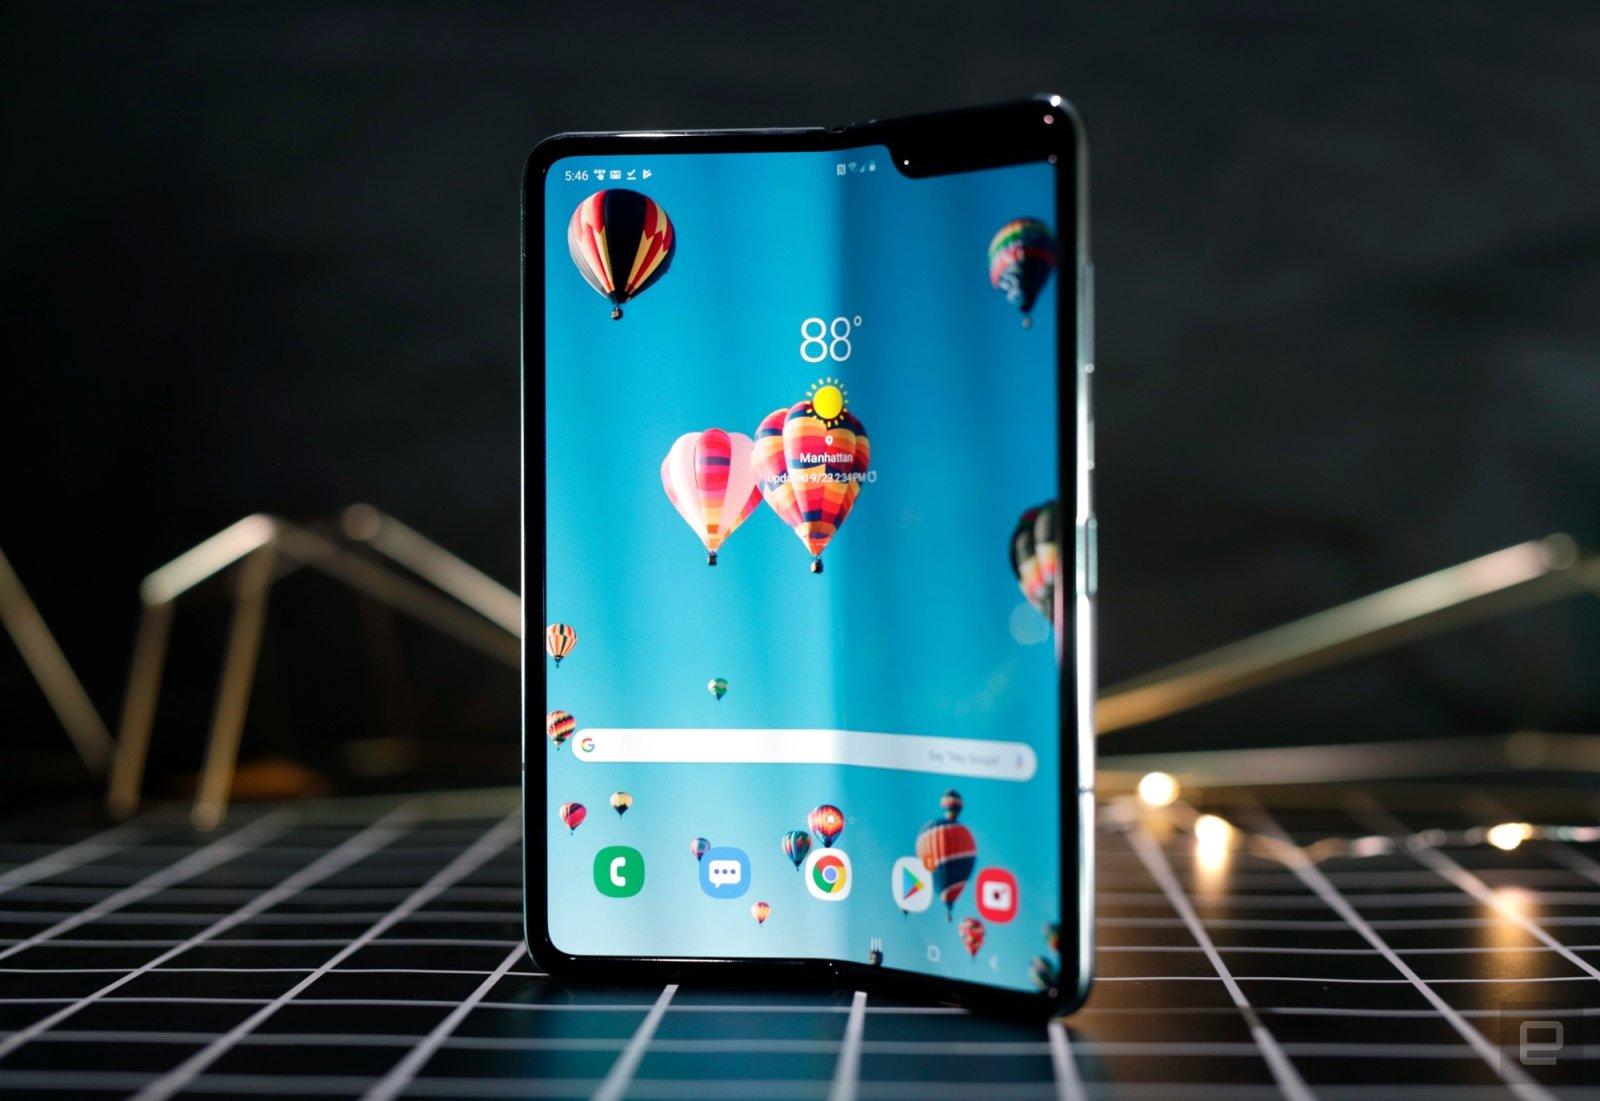 آیا سامسونگ در تولید گوشیهای هوشمند جنون سرعت گرفته است؟